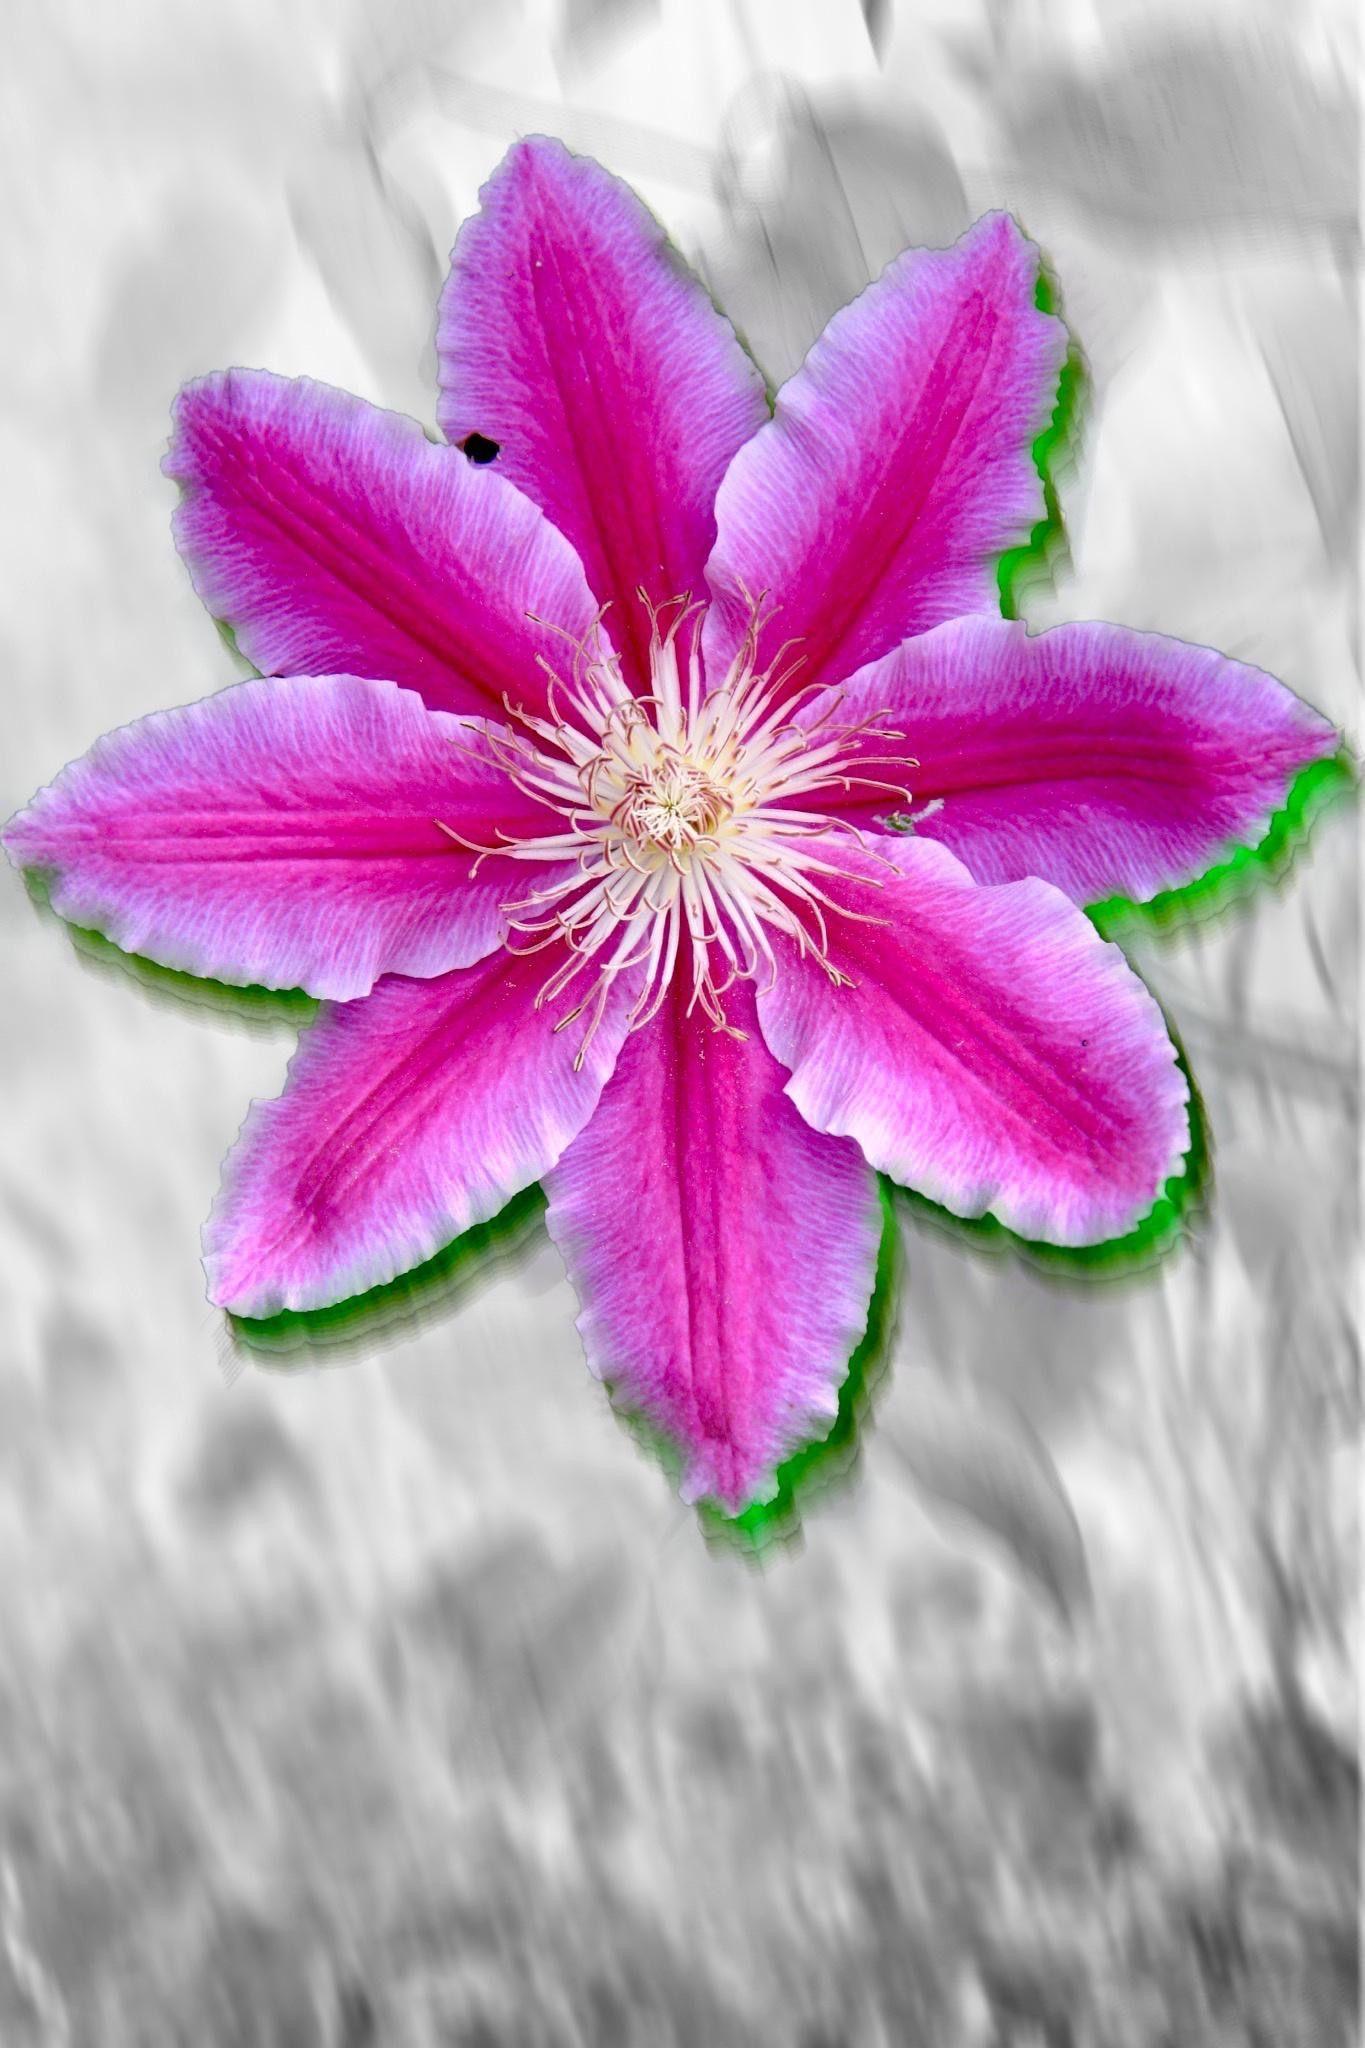 Epingle Par Philippe Perdrial Sur Fleurs Fleurs